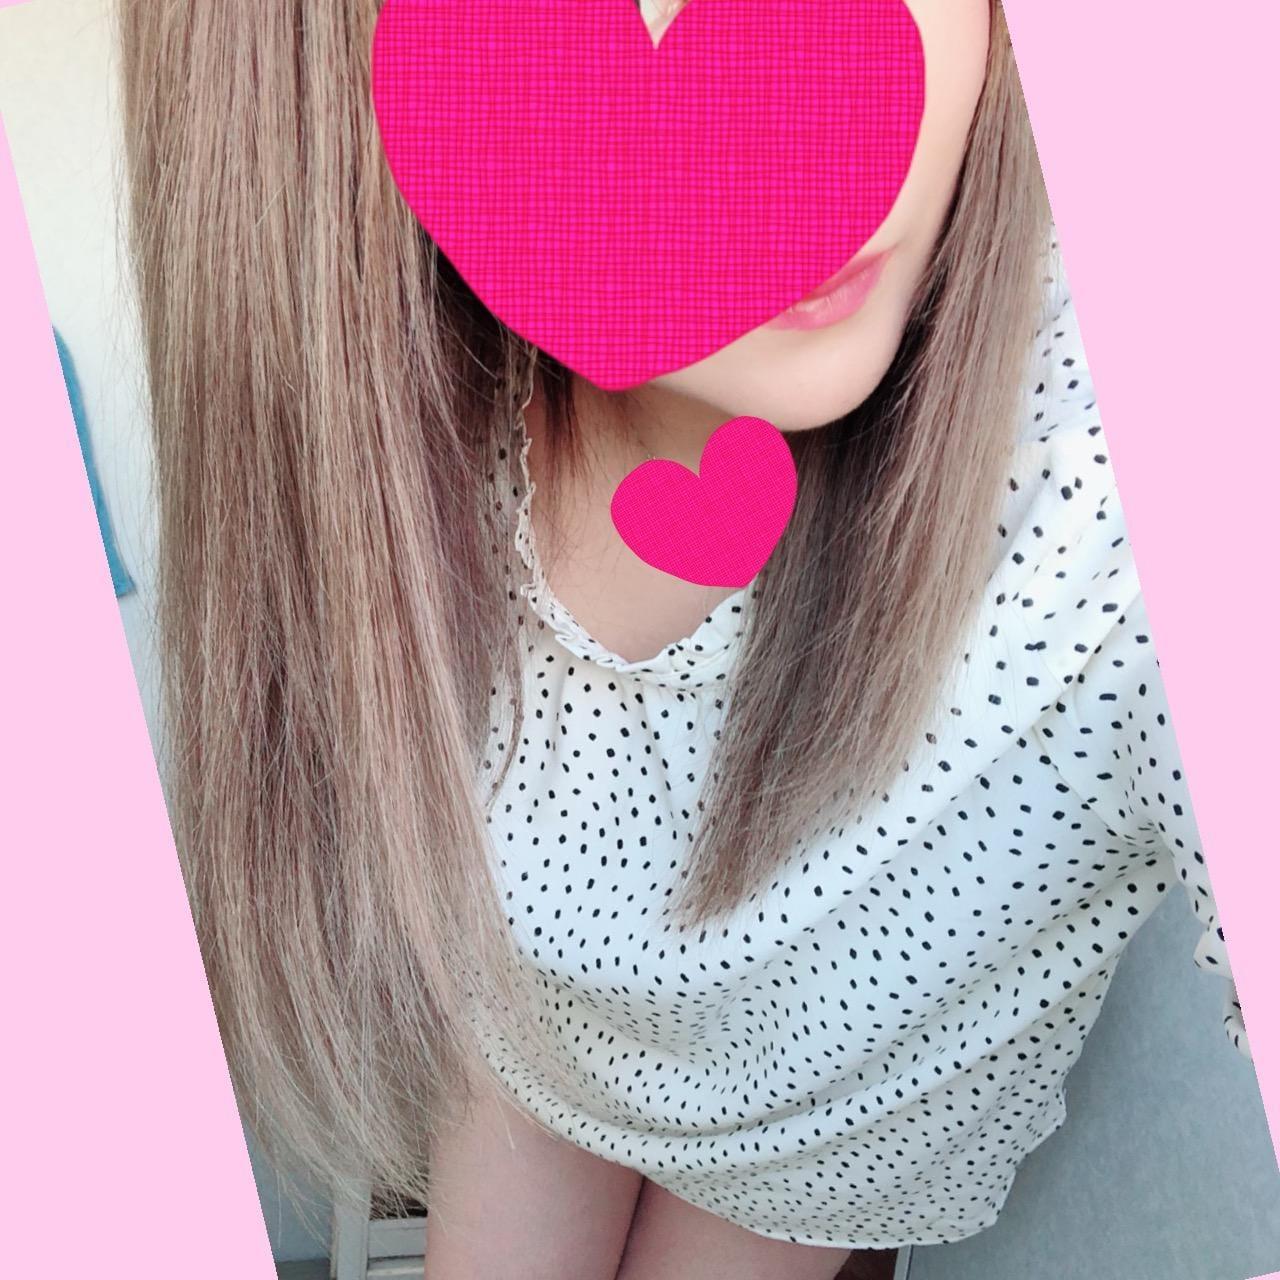 「おはよ♡」09/21(09/21) 09:18 | ☆みりあ☆の写メ・風俗動画